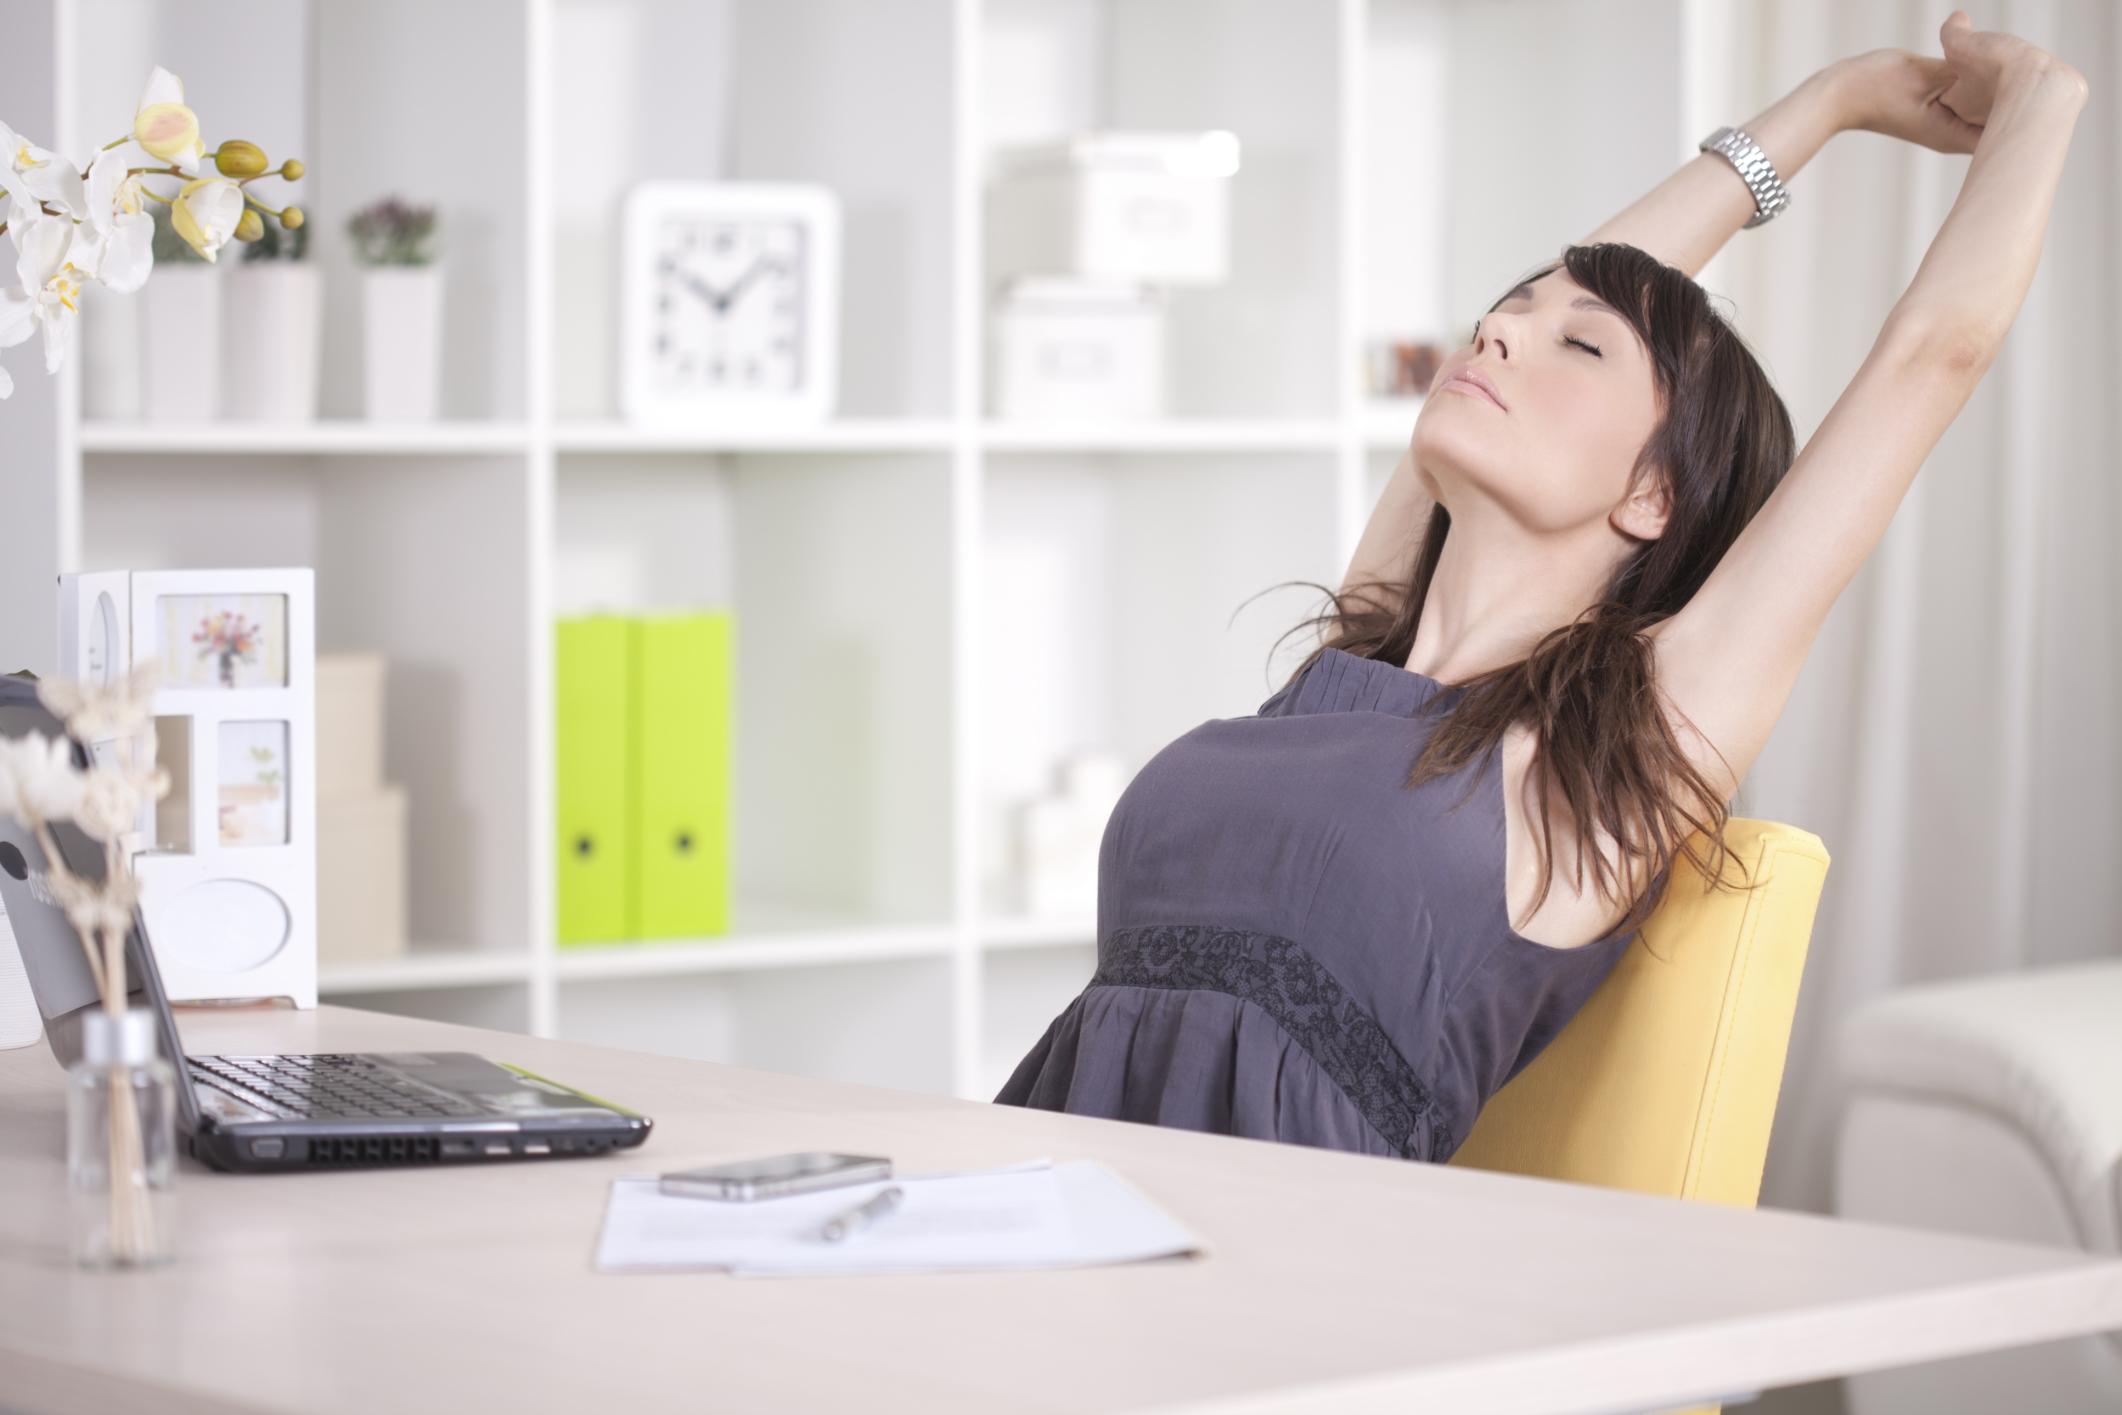 oficina trabajo relajar sentado